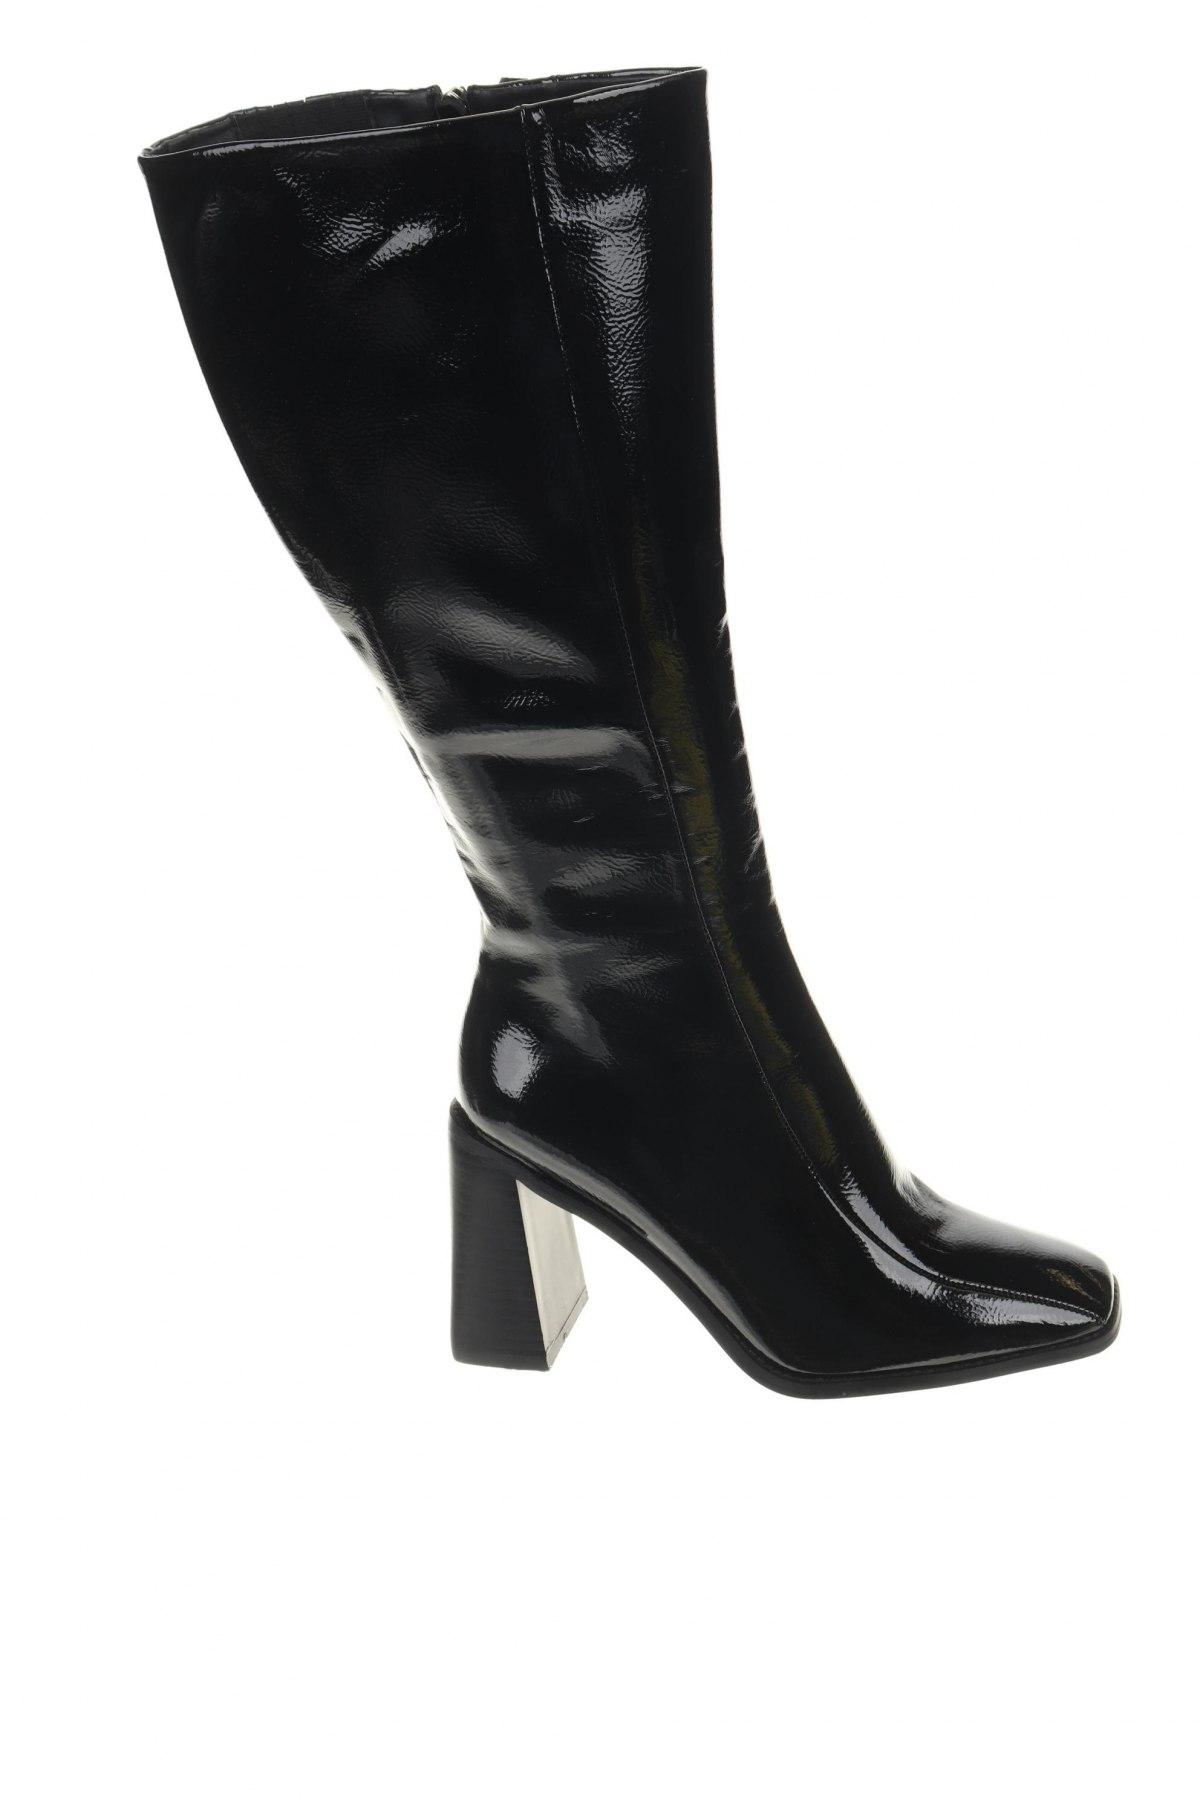 Γυναικείες μπότες Nasty Gal, Μέγεθος 39, Χρώμα Μαύρο, Δερματίνη, Τιμή 11,47€